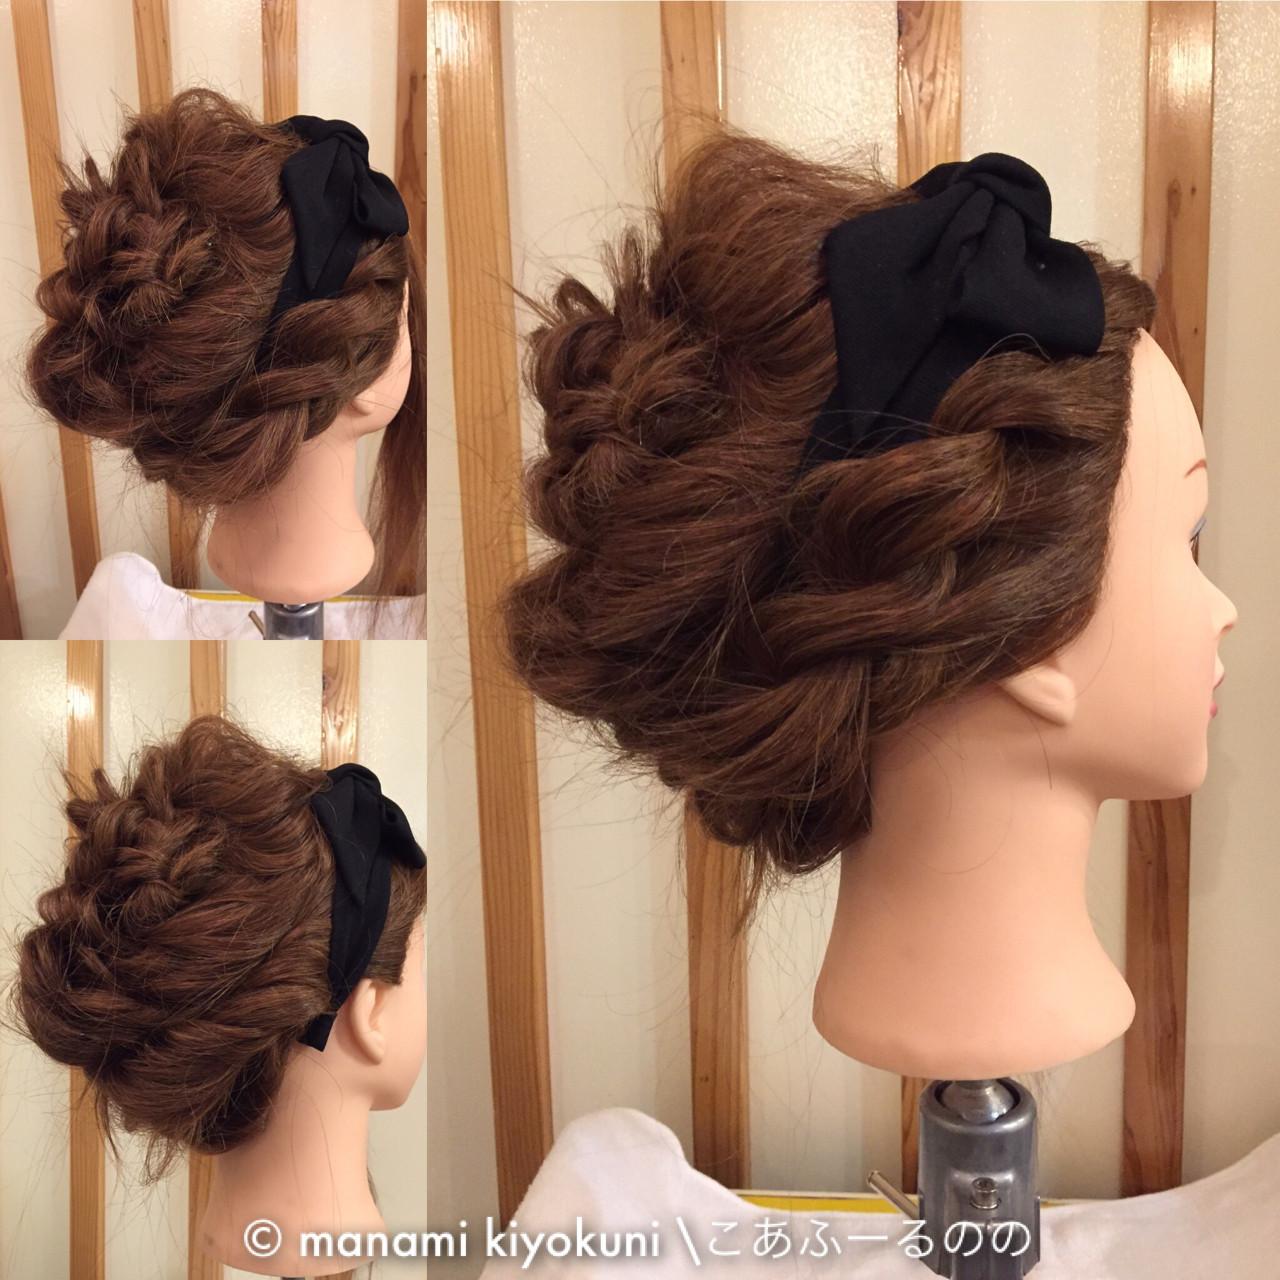 パーティ ヘアアレンジ 大人かわいい アップスタイル ヘアスタイルや髪型の写真・画像 | manami iwamoto \こあふーるのの / こあふーるのの